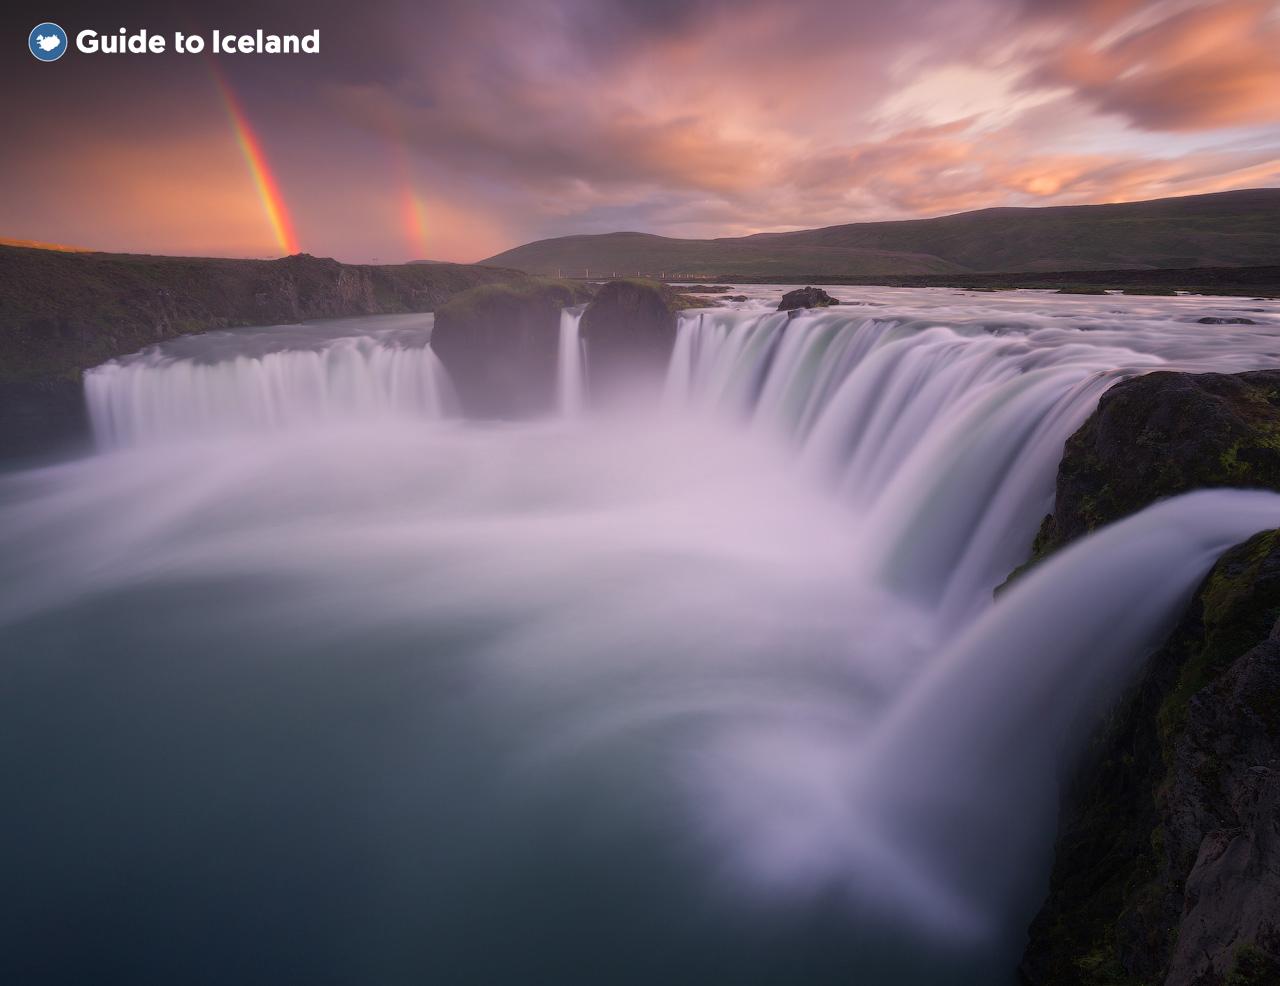 冰岛北部的众神瀑布虽没有黛提瀑布出名,却也无比秀丽